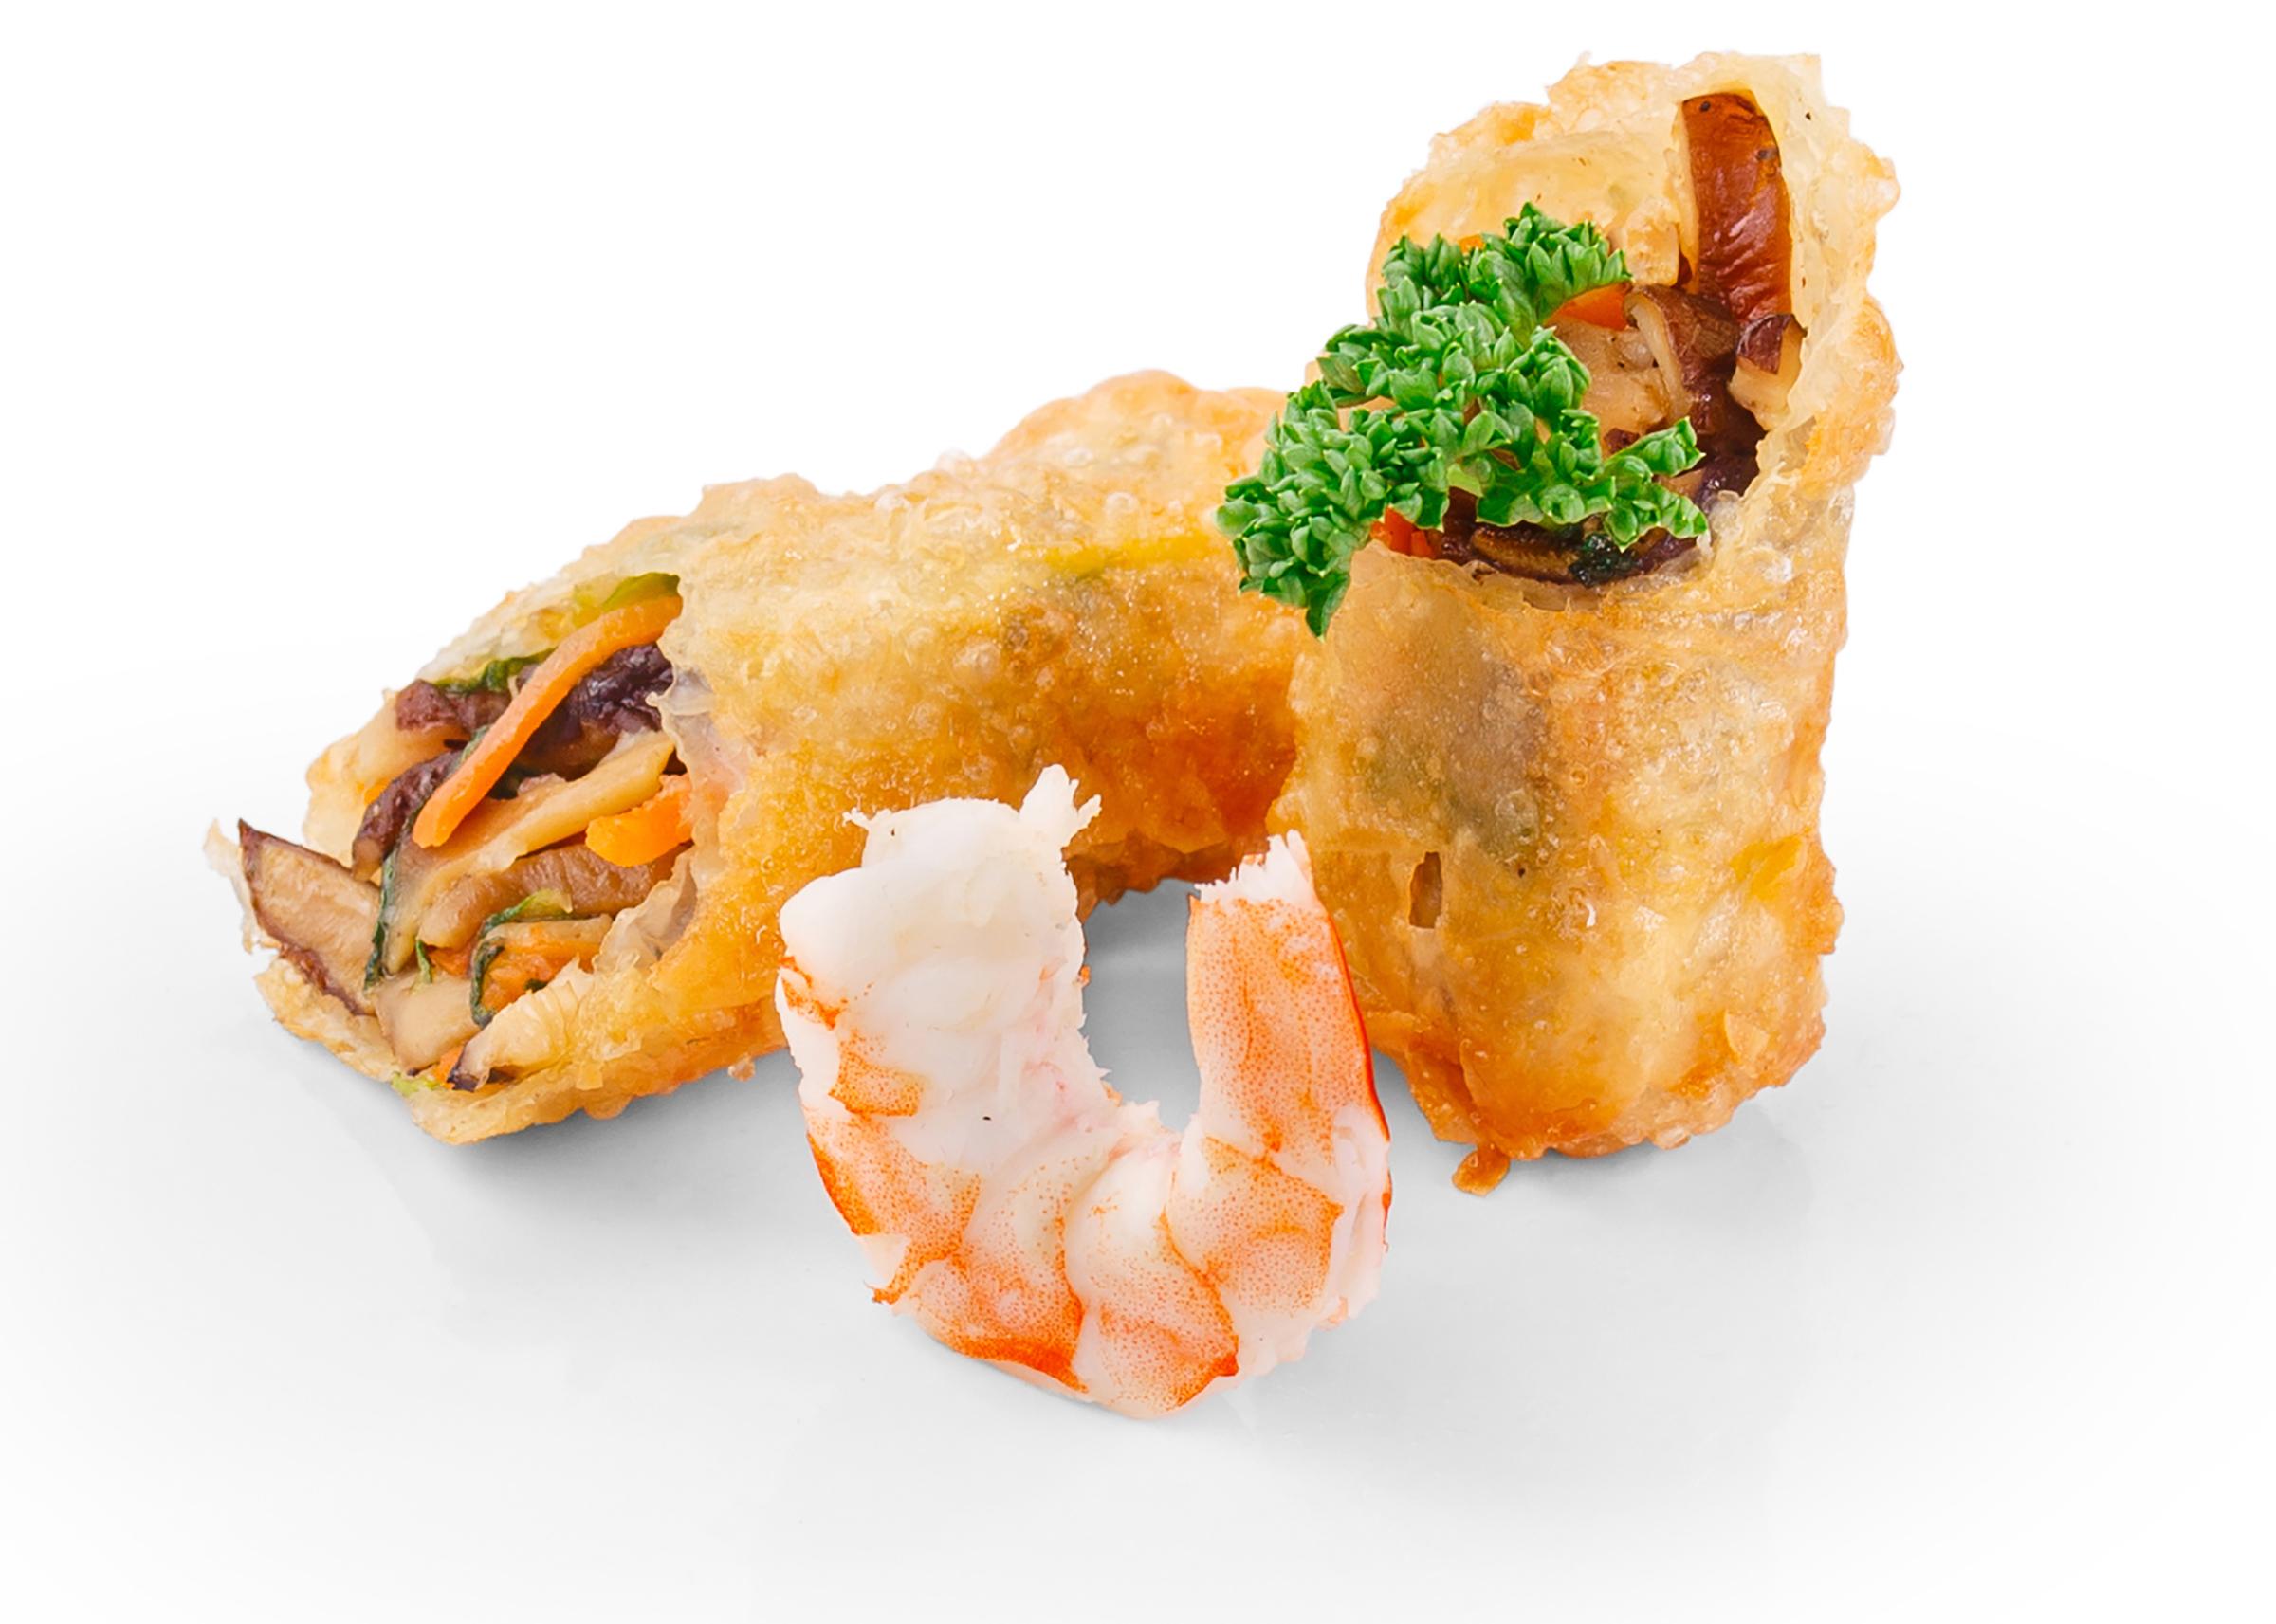 Фотосъемка еды спринг ролл для меню Екатеринбург